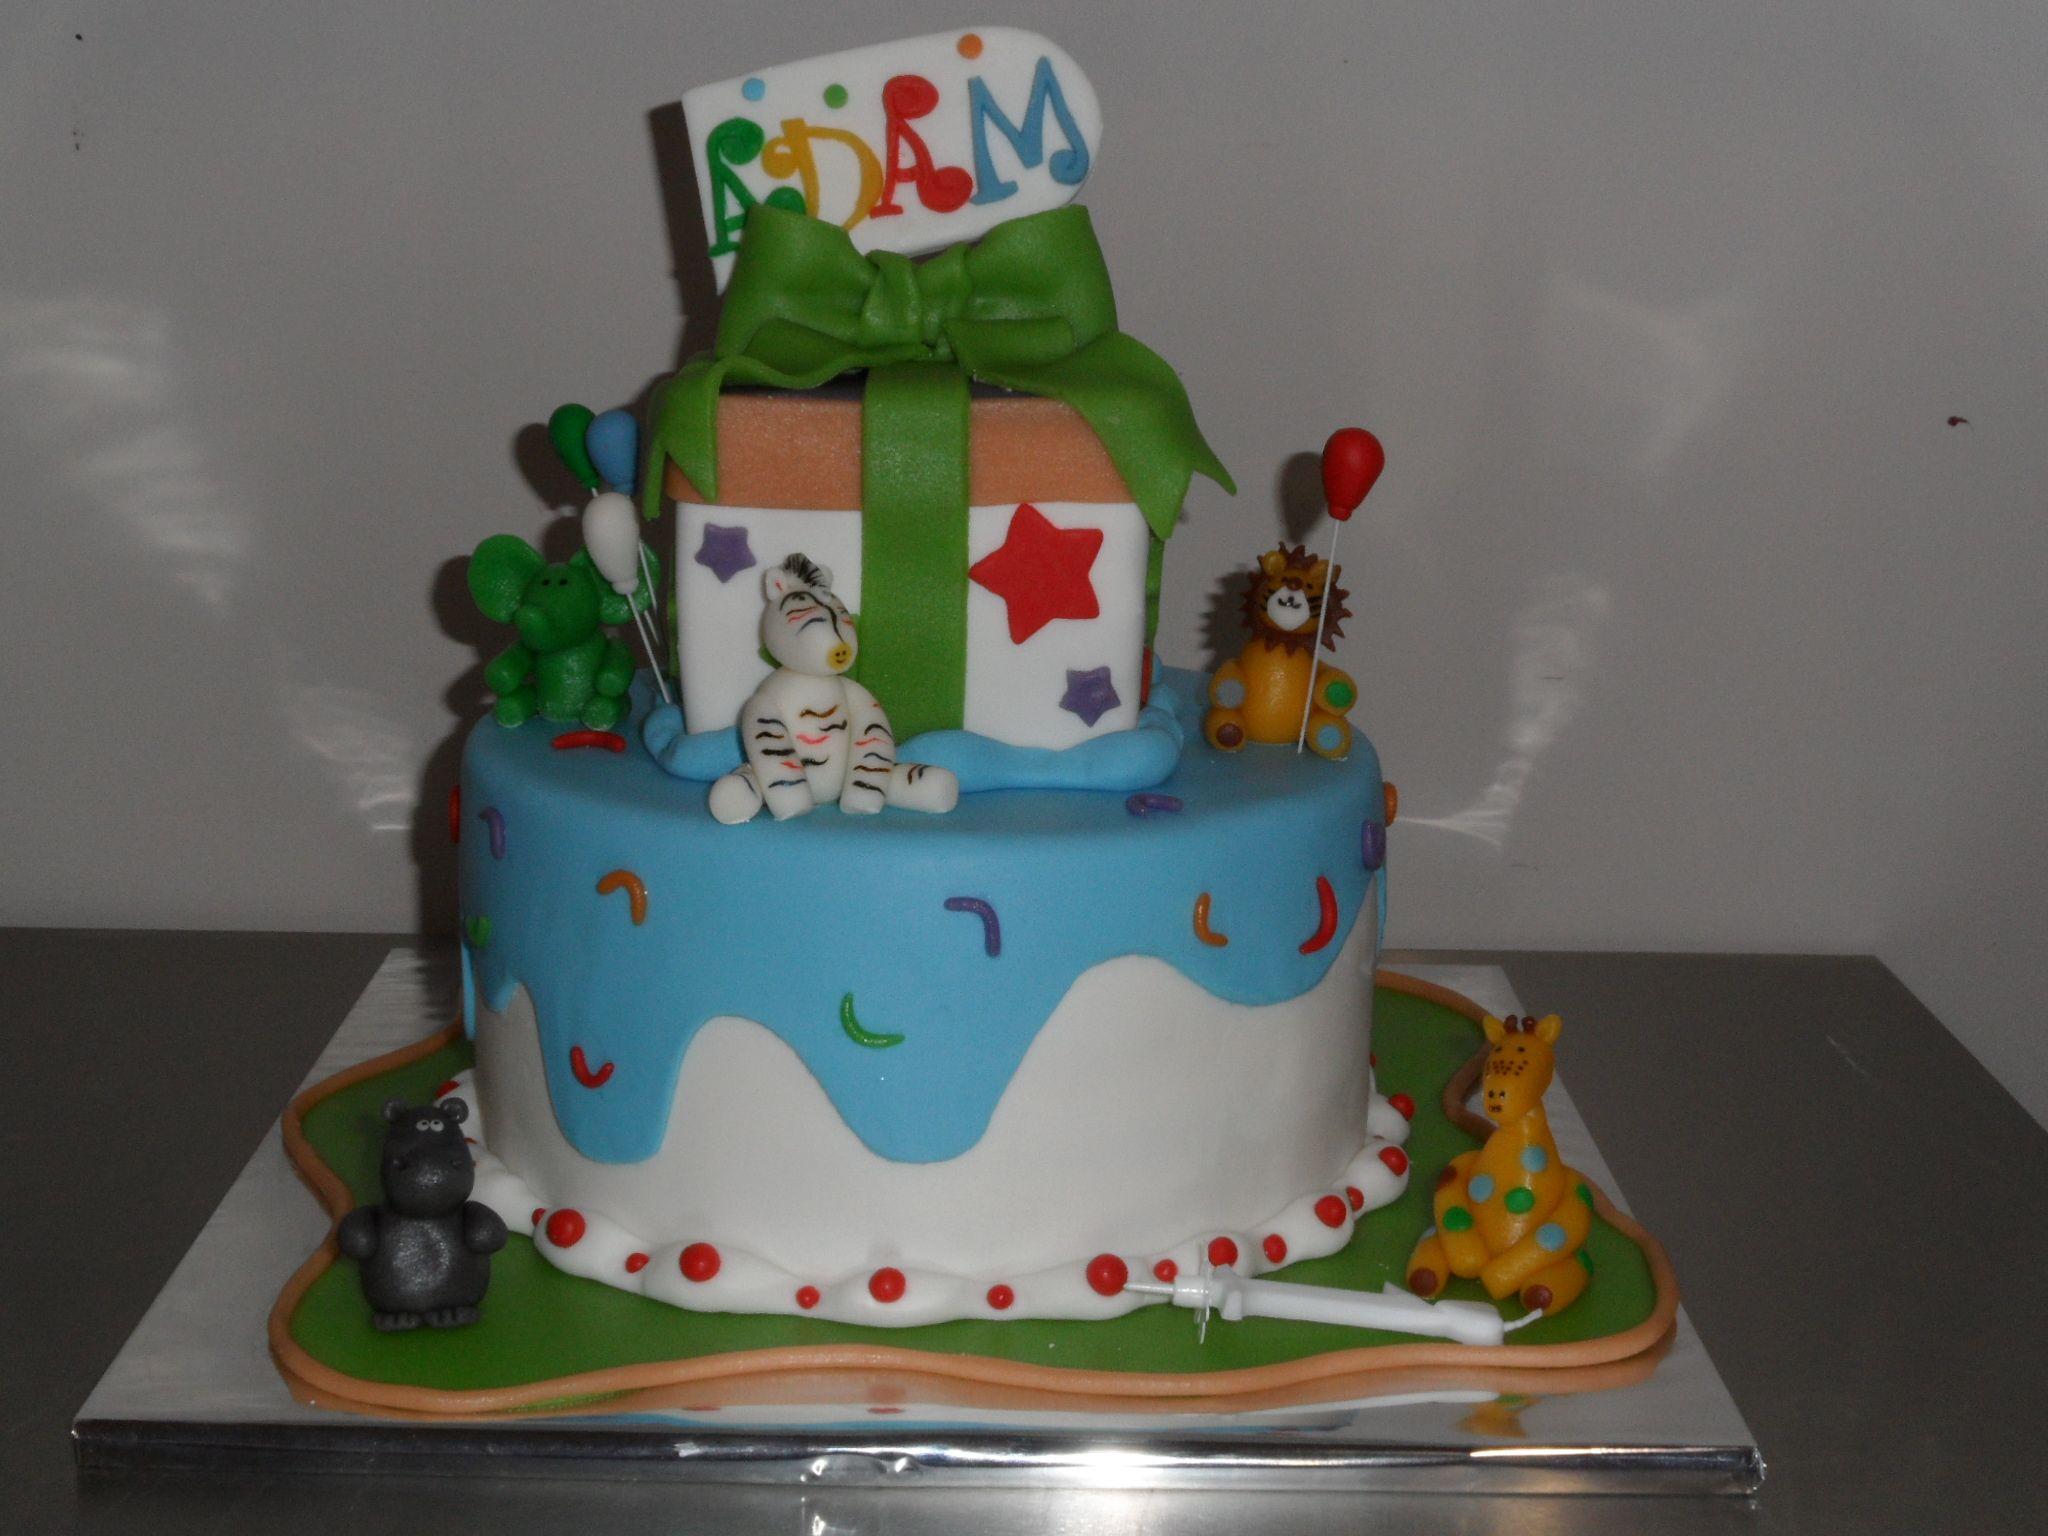 1 éves szülinapi torta képek 1 éves szülinapi torta | Cukrászkodás | Pinterest 1 éves szülinapi torta képek